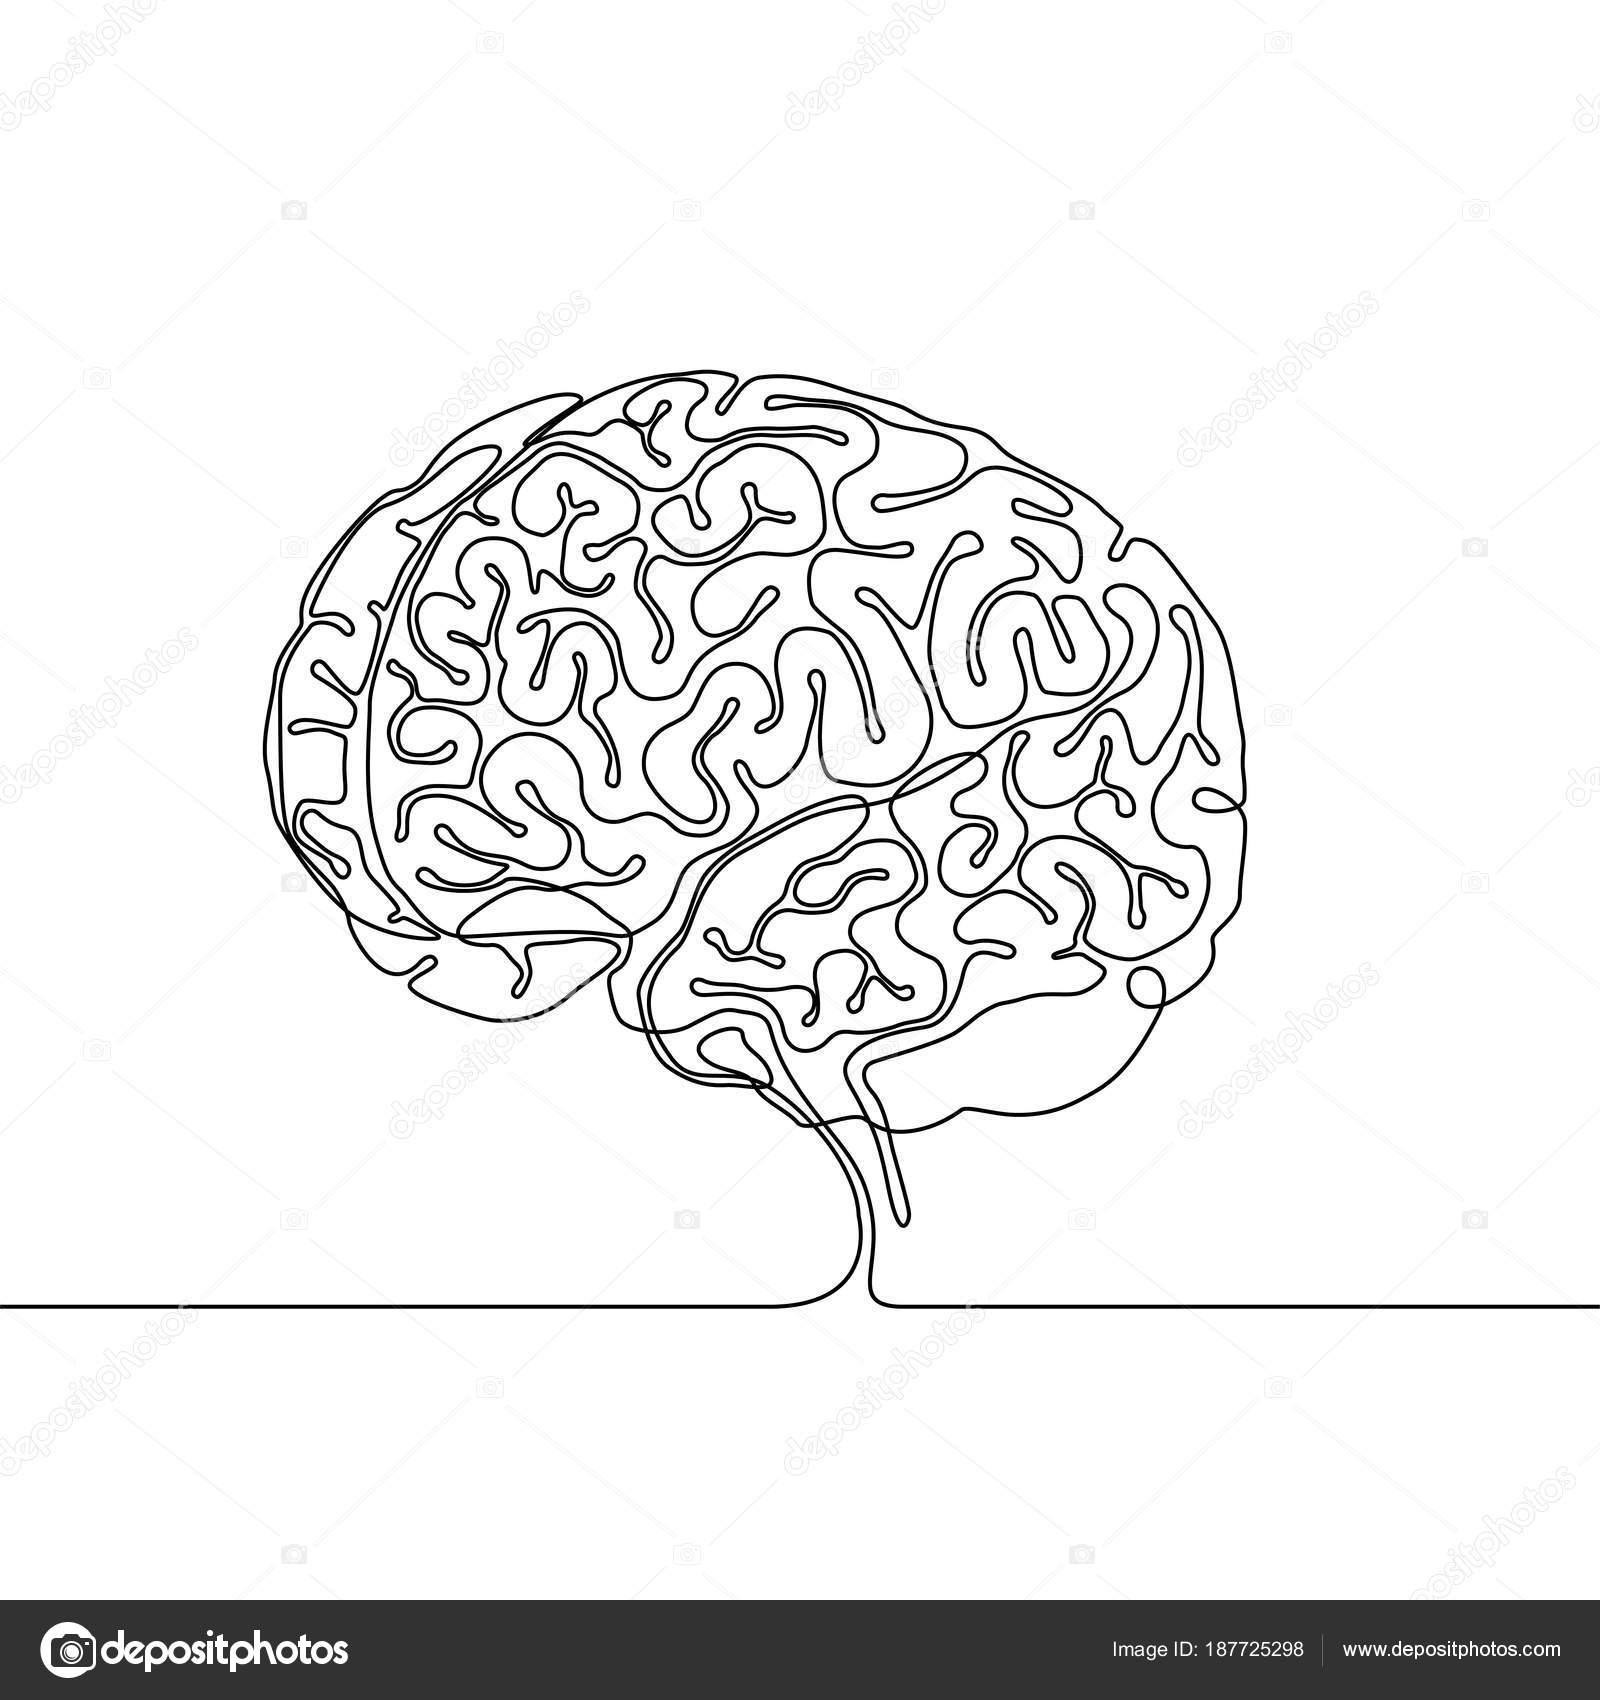 Dessin au trait continu d'un cerveau humain avec